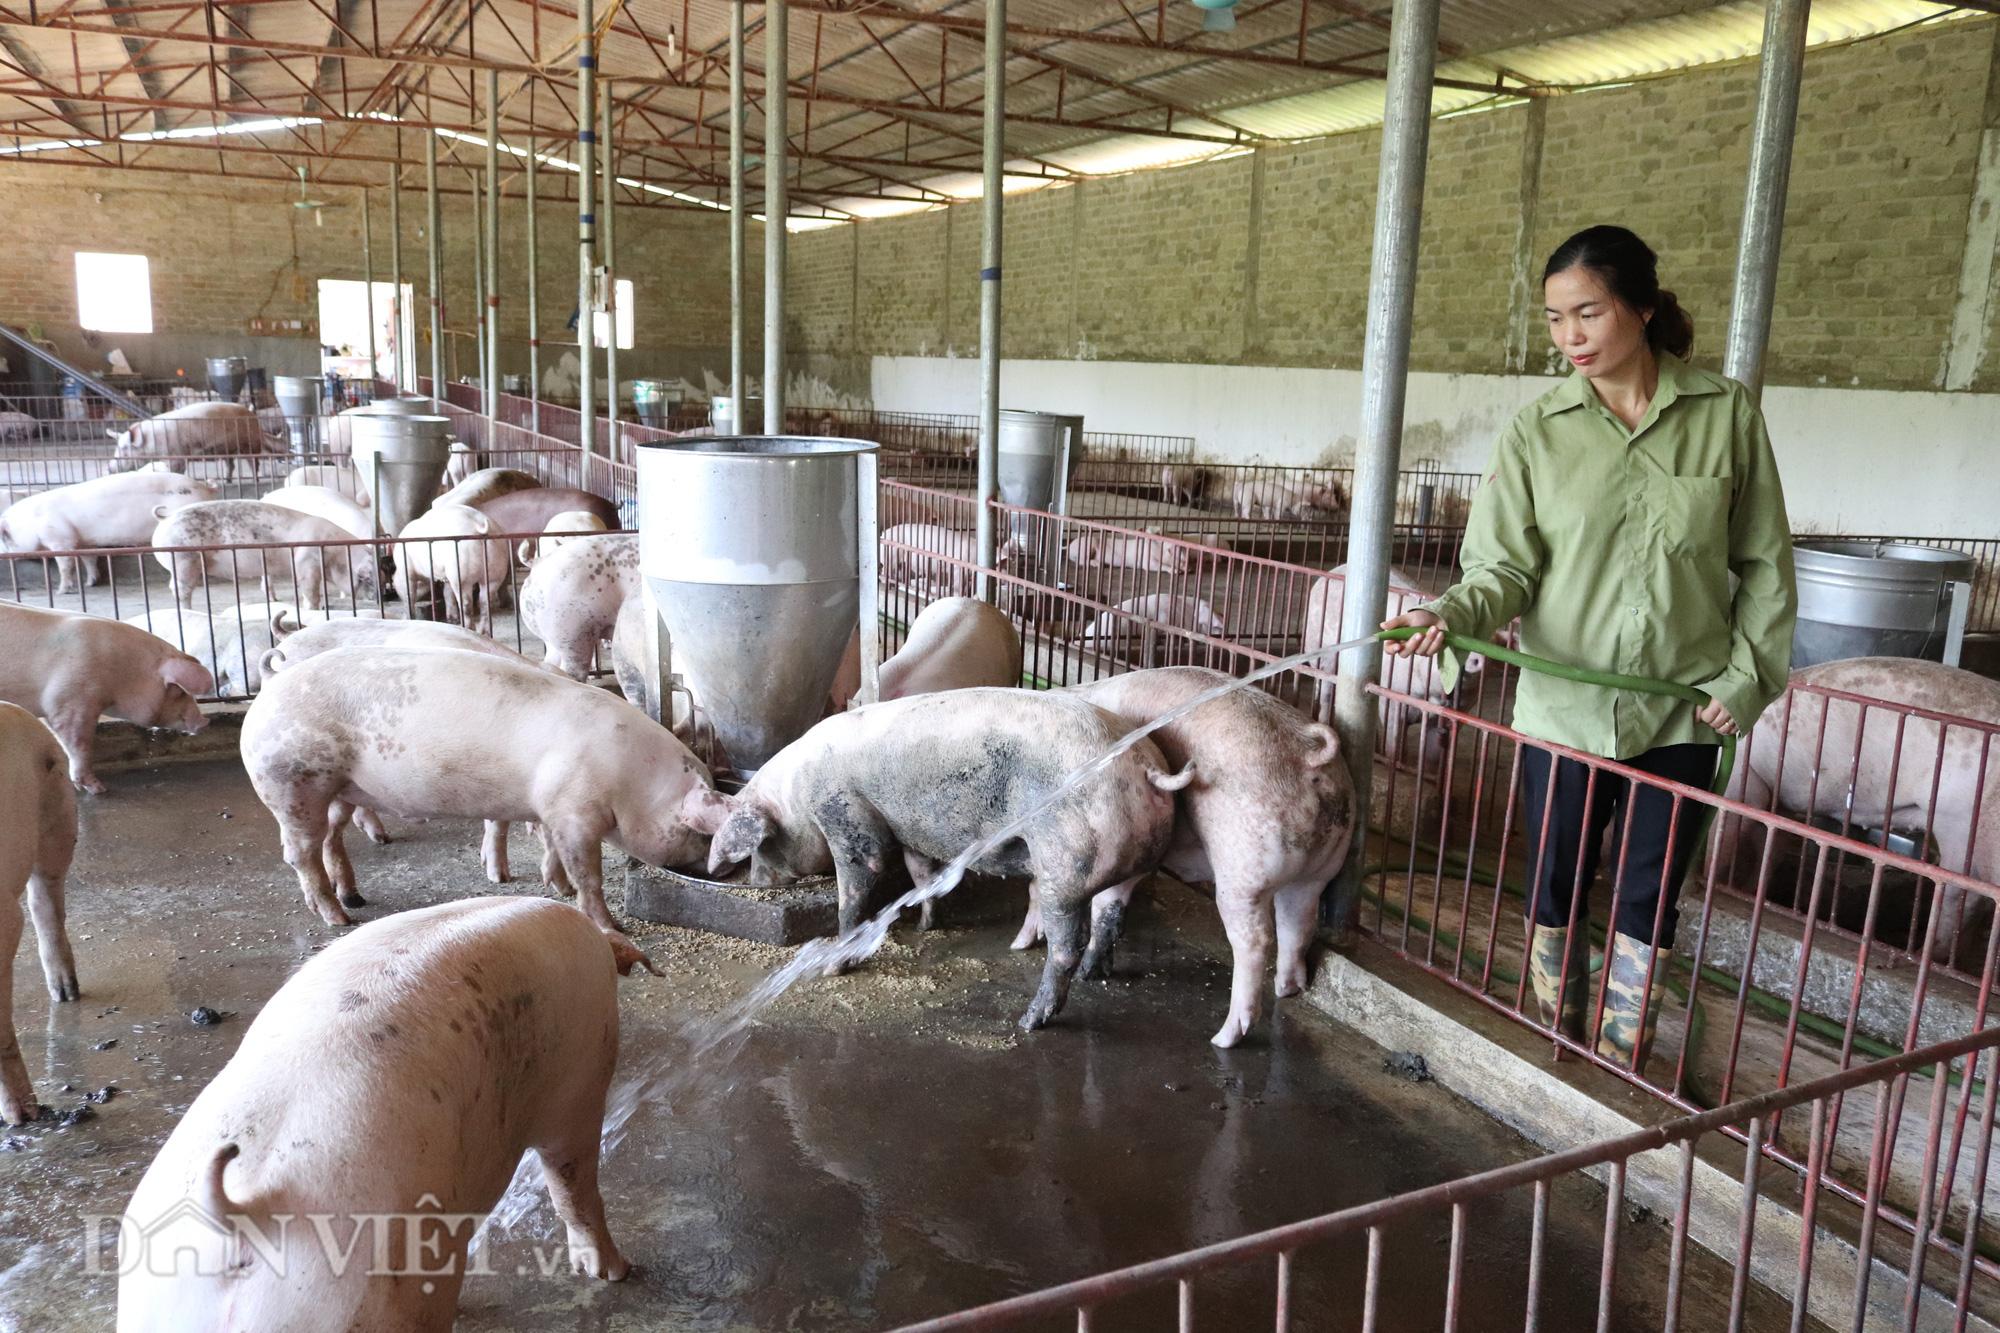 """Bí quyết """"bỏ túi' tiền tỷ từ nuôi lợn thịt của người phụ nữ Thái Sơn La - Ảnh 1."""